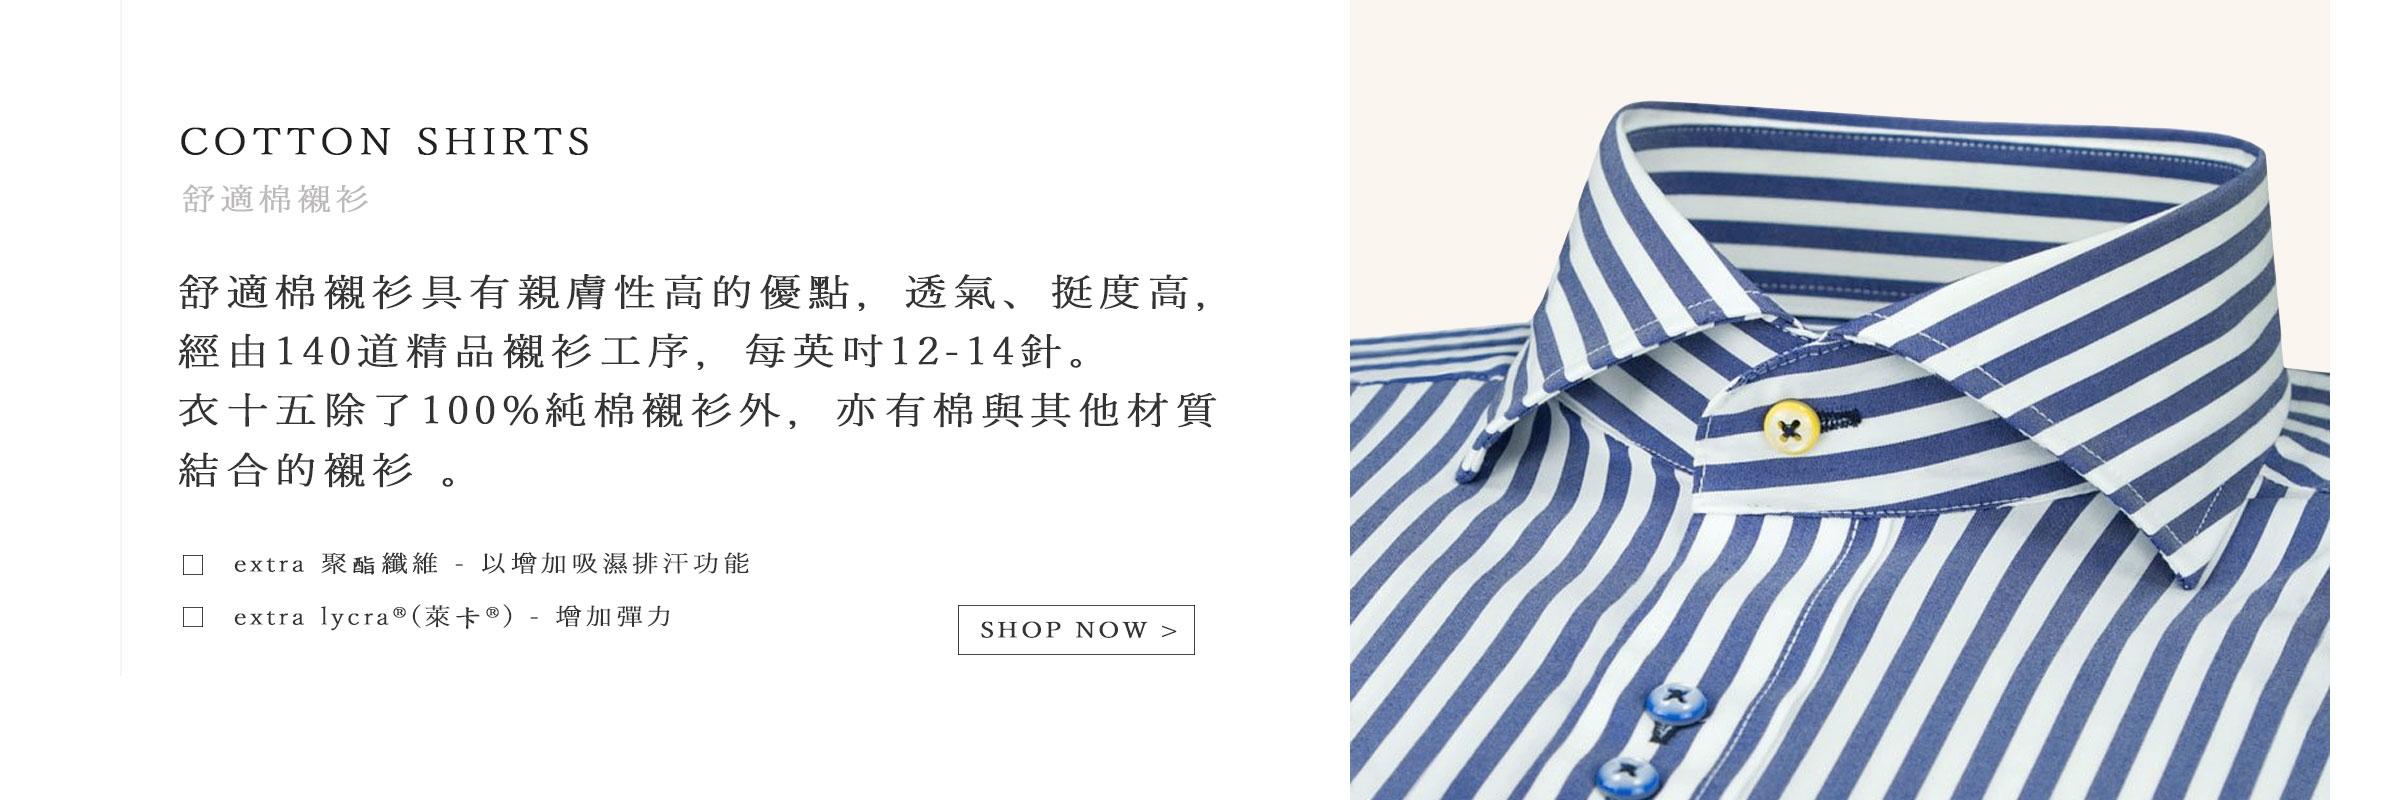 天然純棉添加2%萊卡彈力纖維的純棉商務襯衫,上班族的最愛